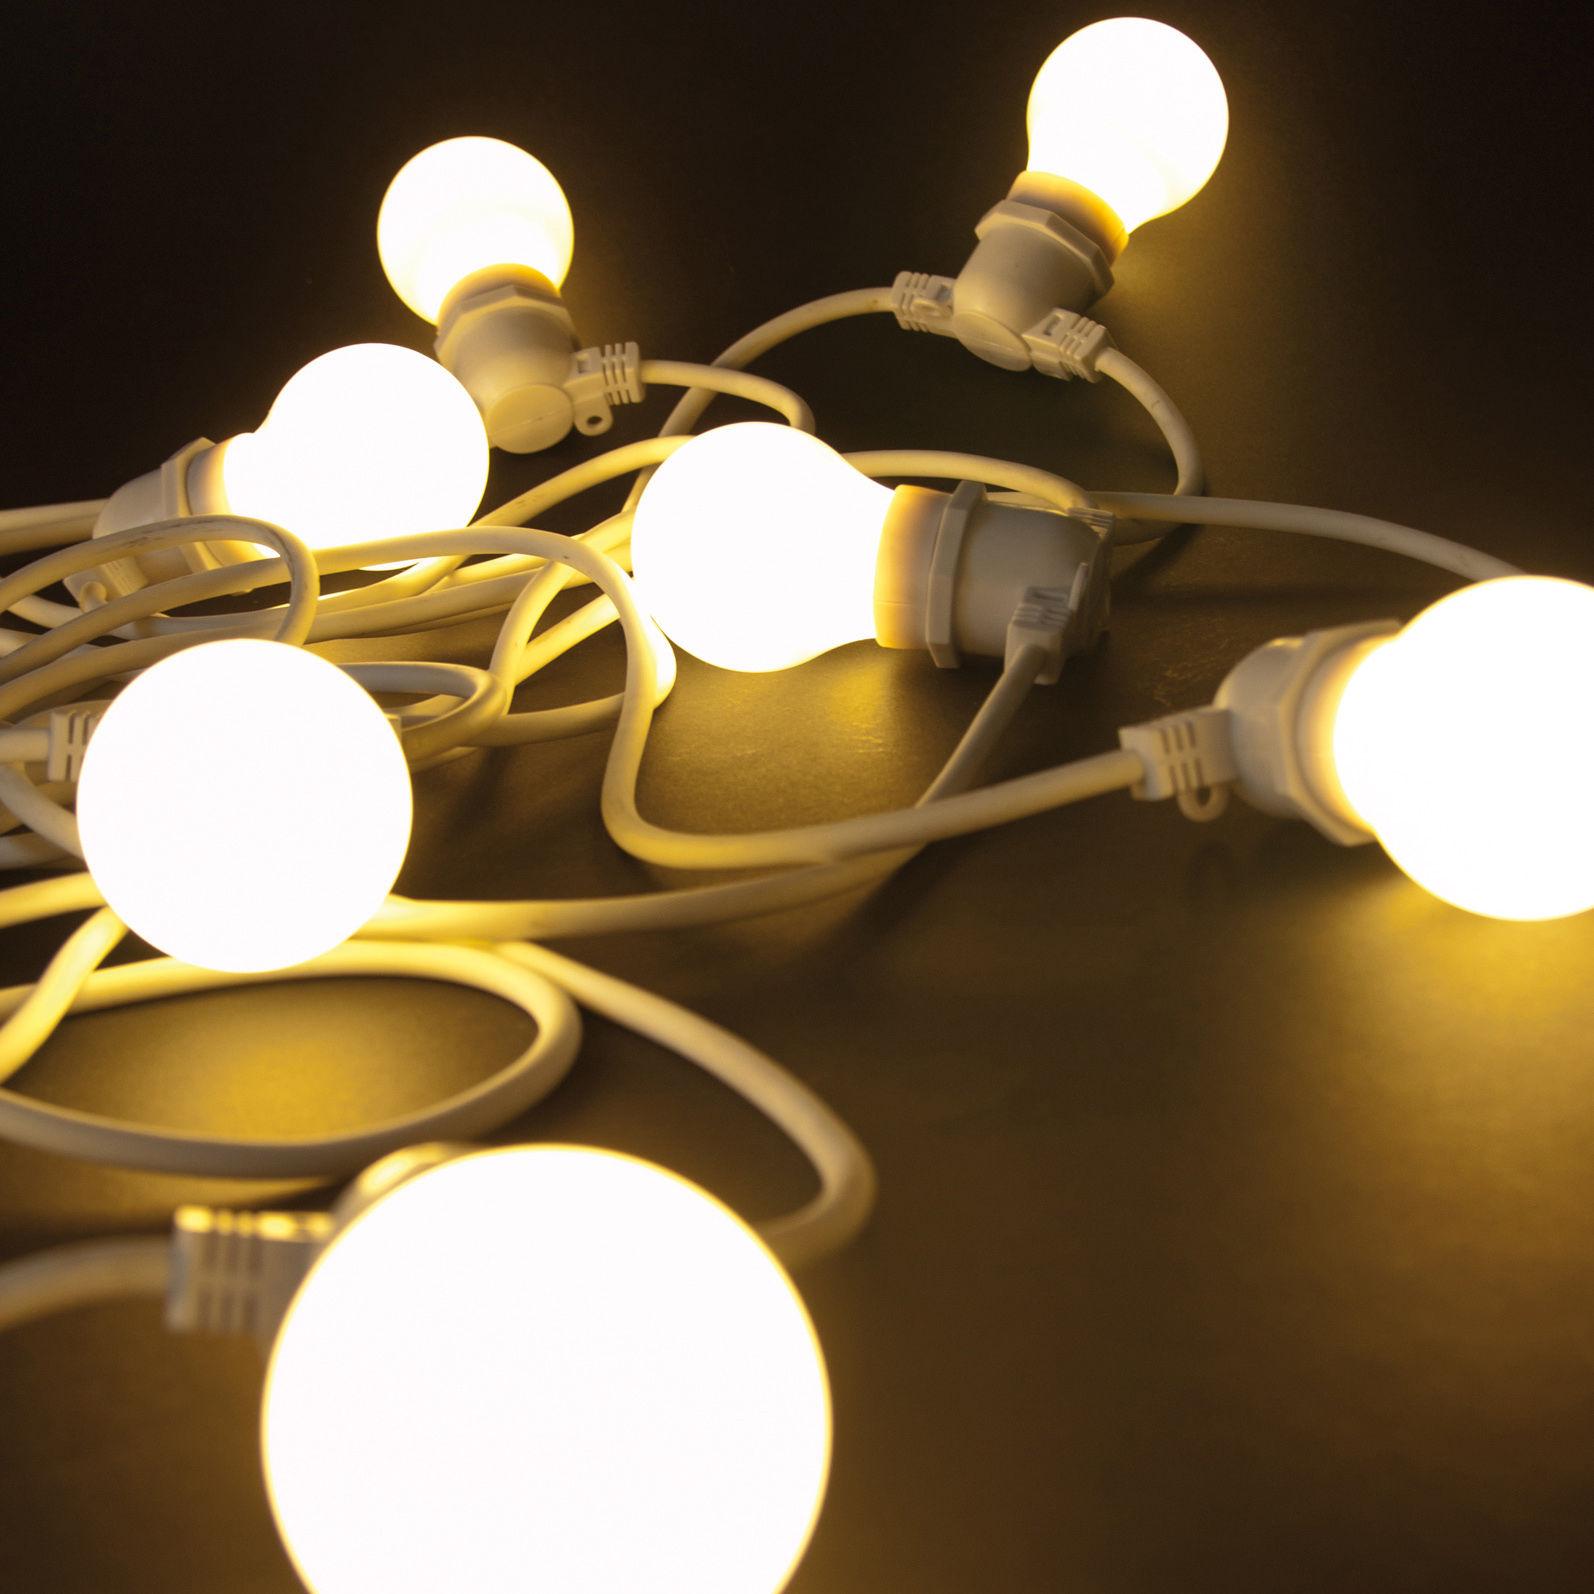 Luminaire - Luminaires d'extérieur - Guirlande lumineuse extérieur Bella Vista / LED - Seletti - Câble blanc / Ampoules blanches - Caoutchouc